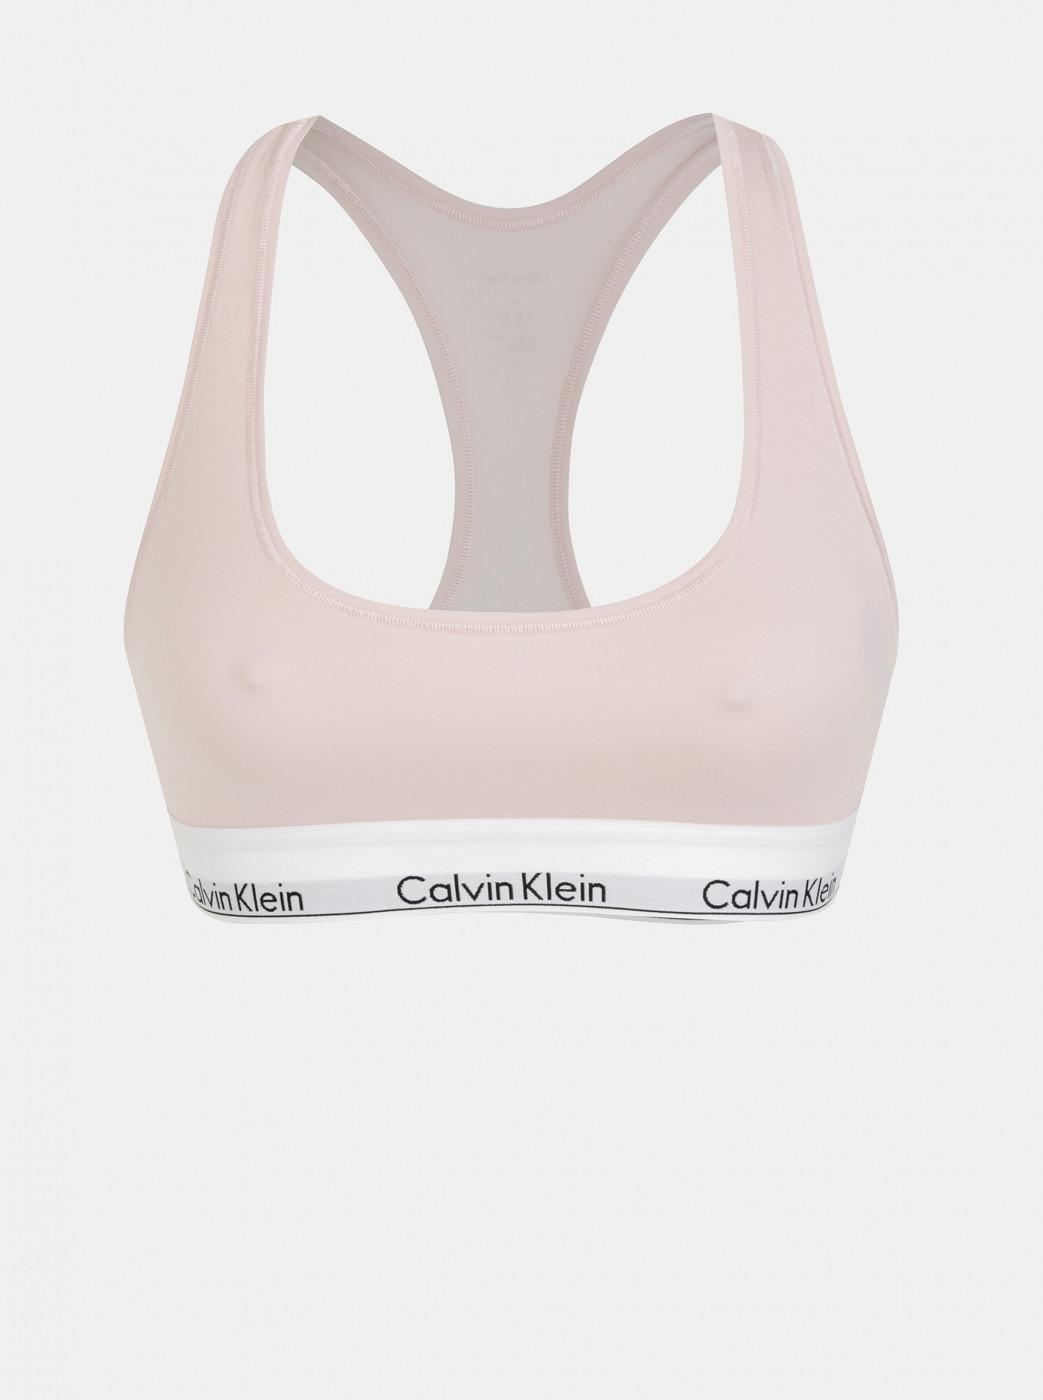 Calvin Klein Underwear Light Pink Bra